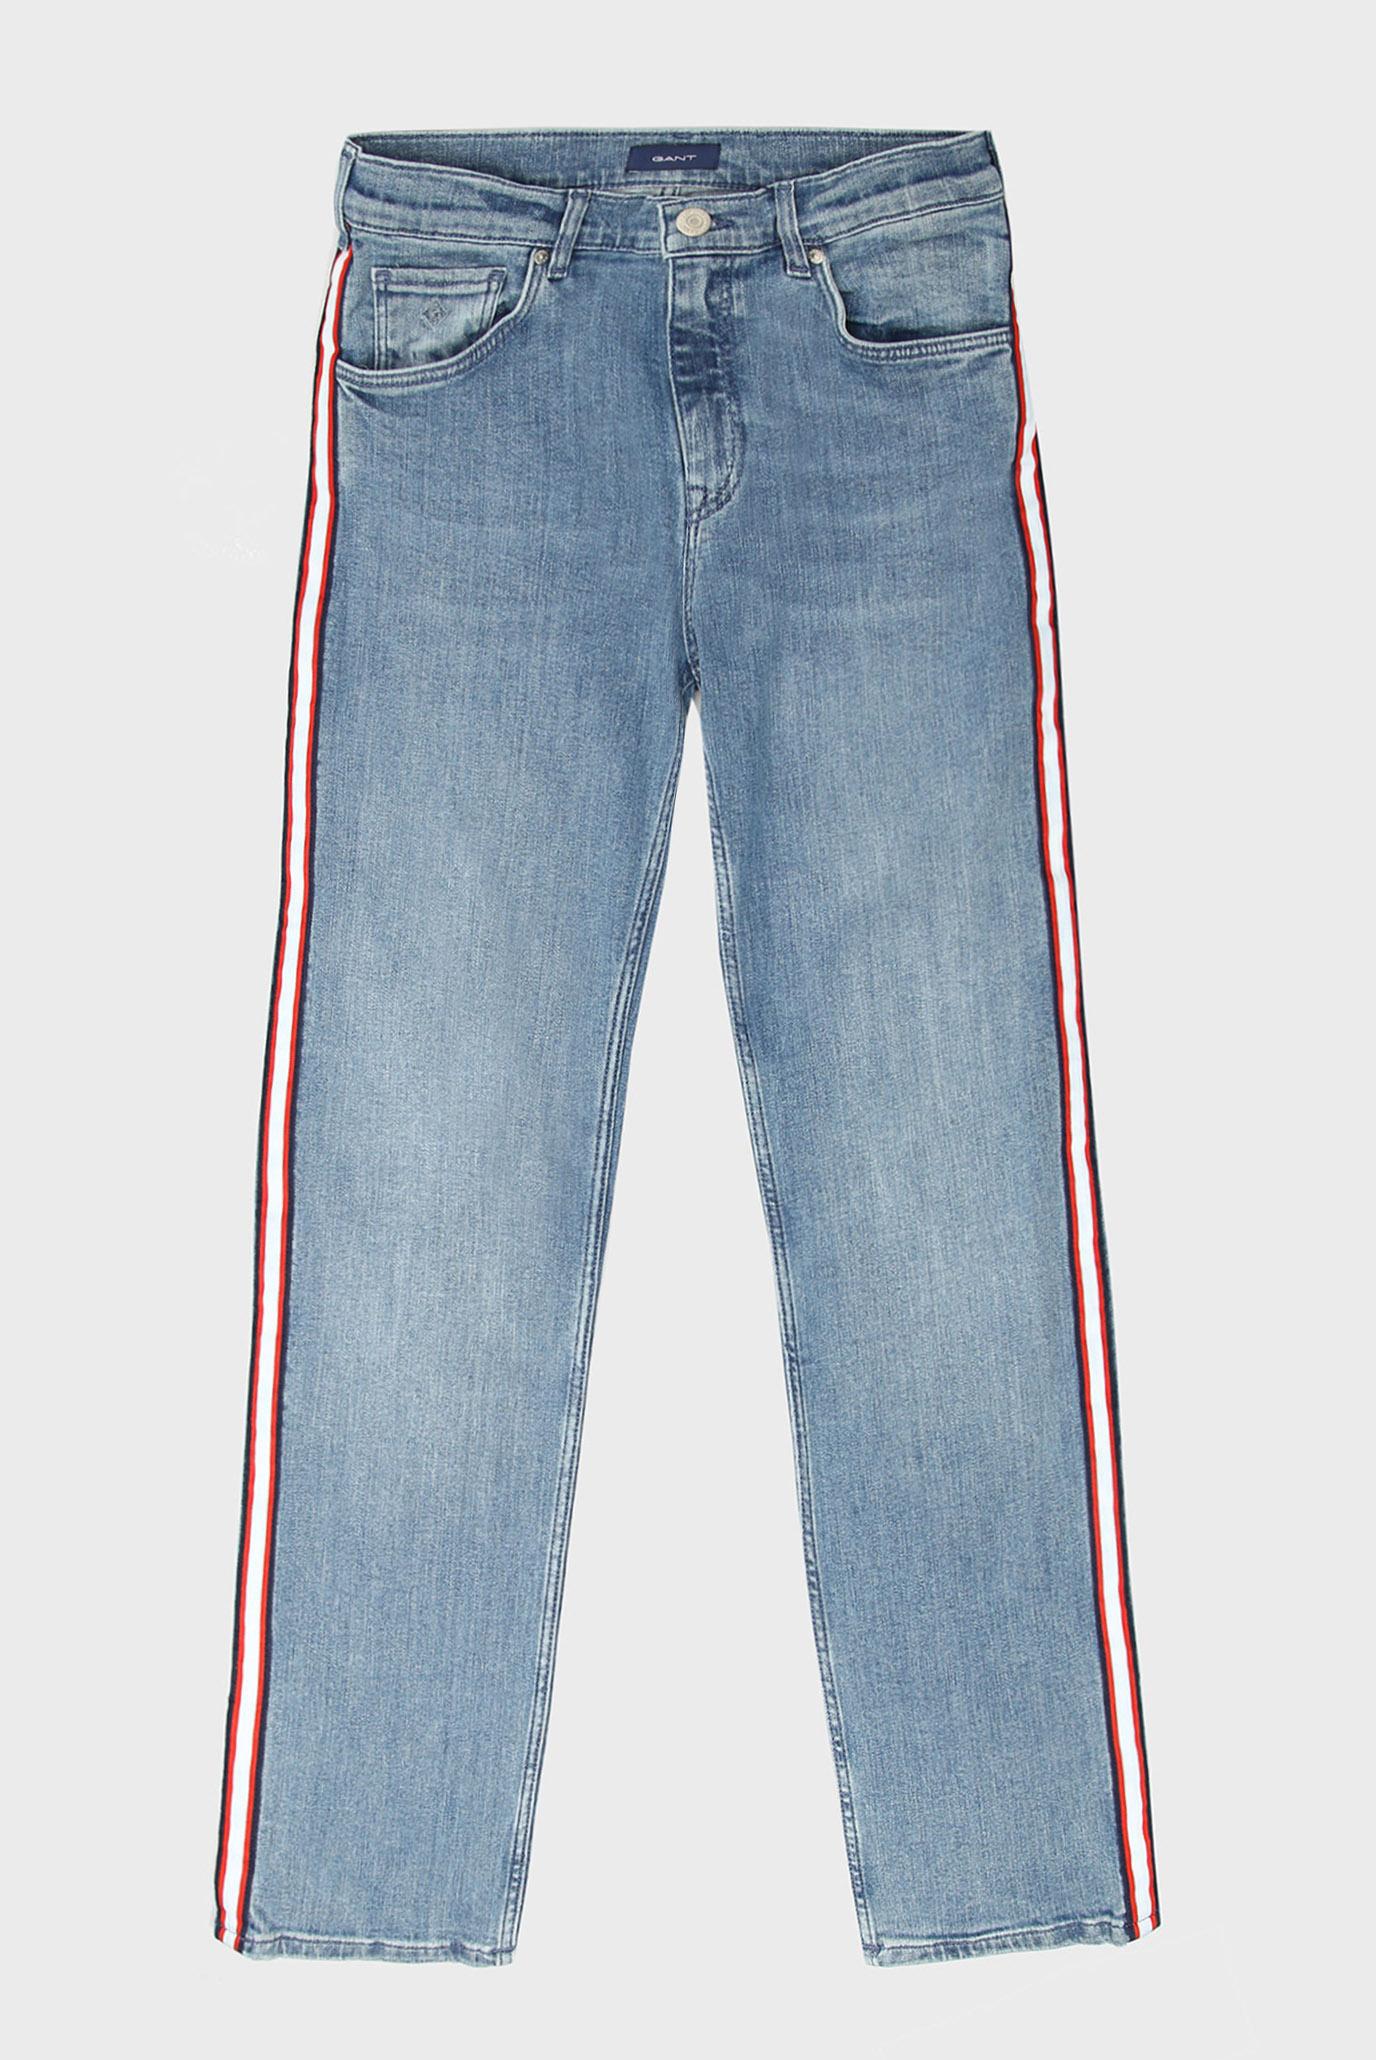 Детские голубые джинсы с лампасами 1